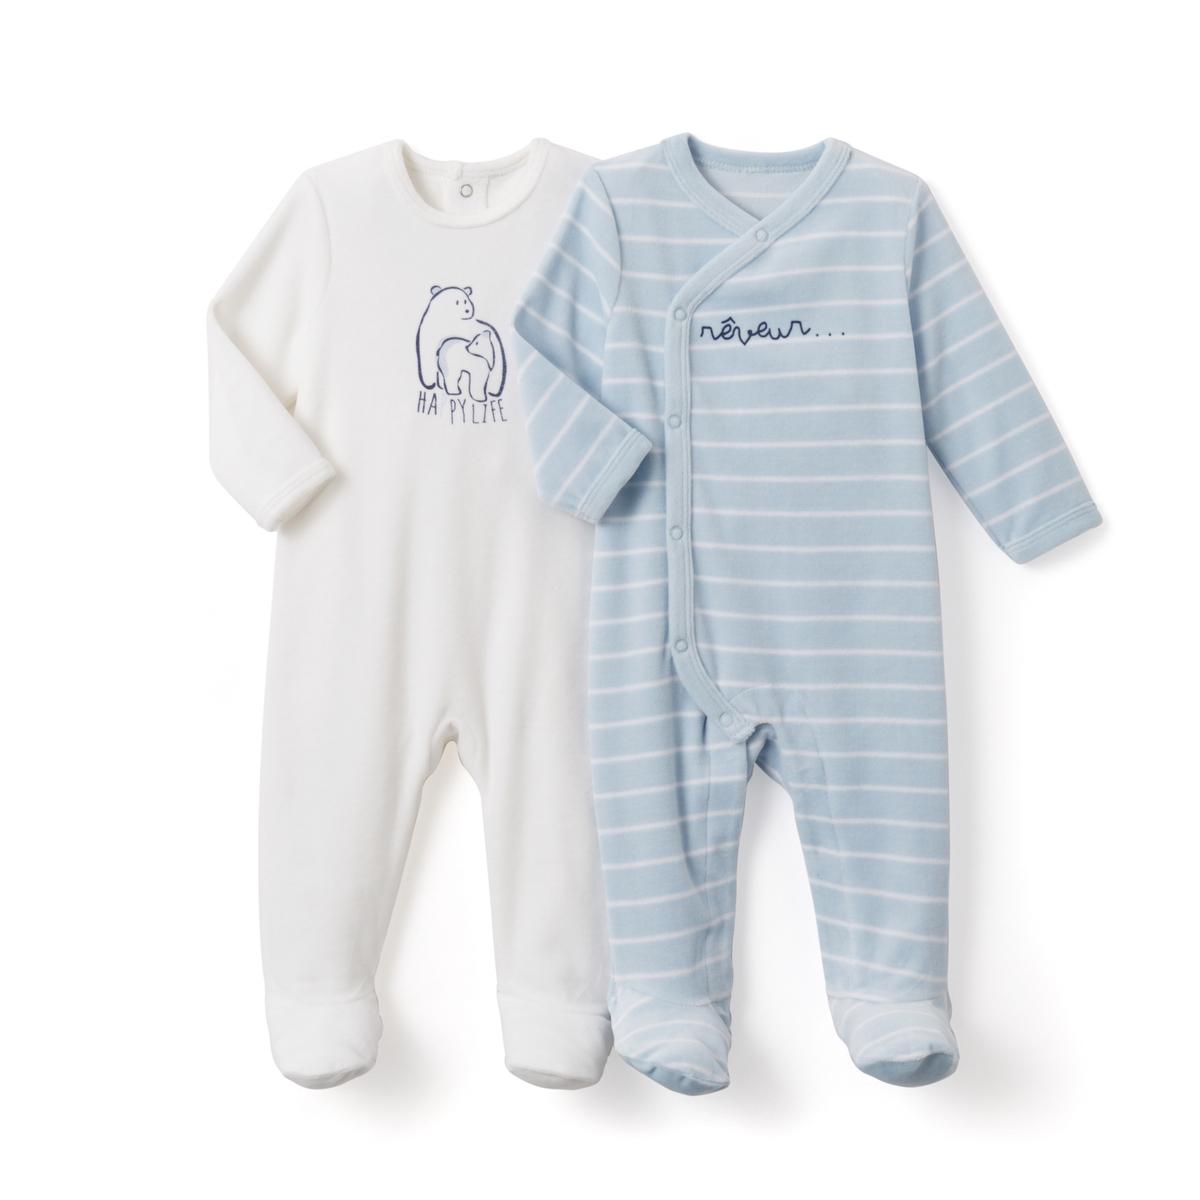 Пижама велюровая с закрытыми ножками (2 шт.)